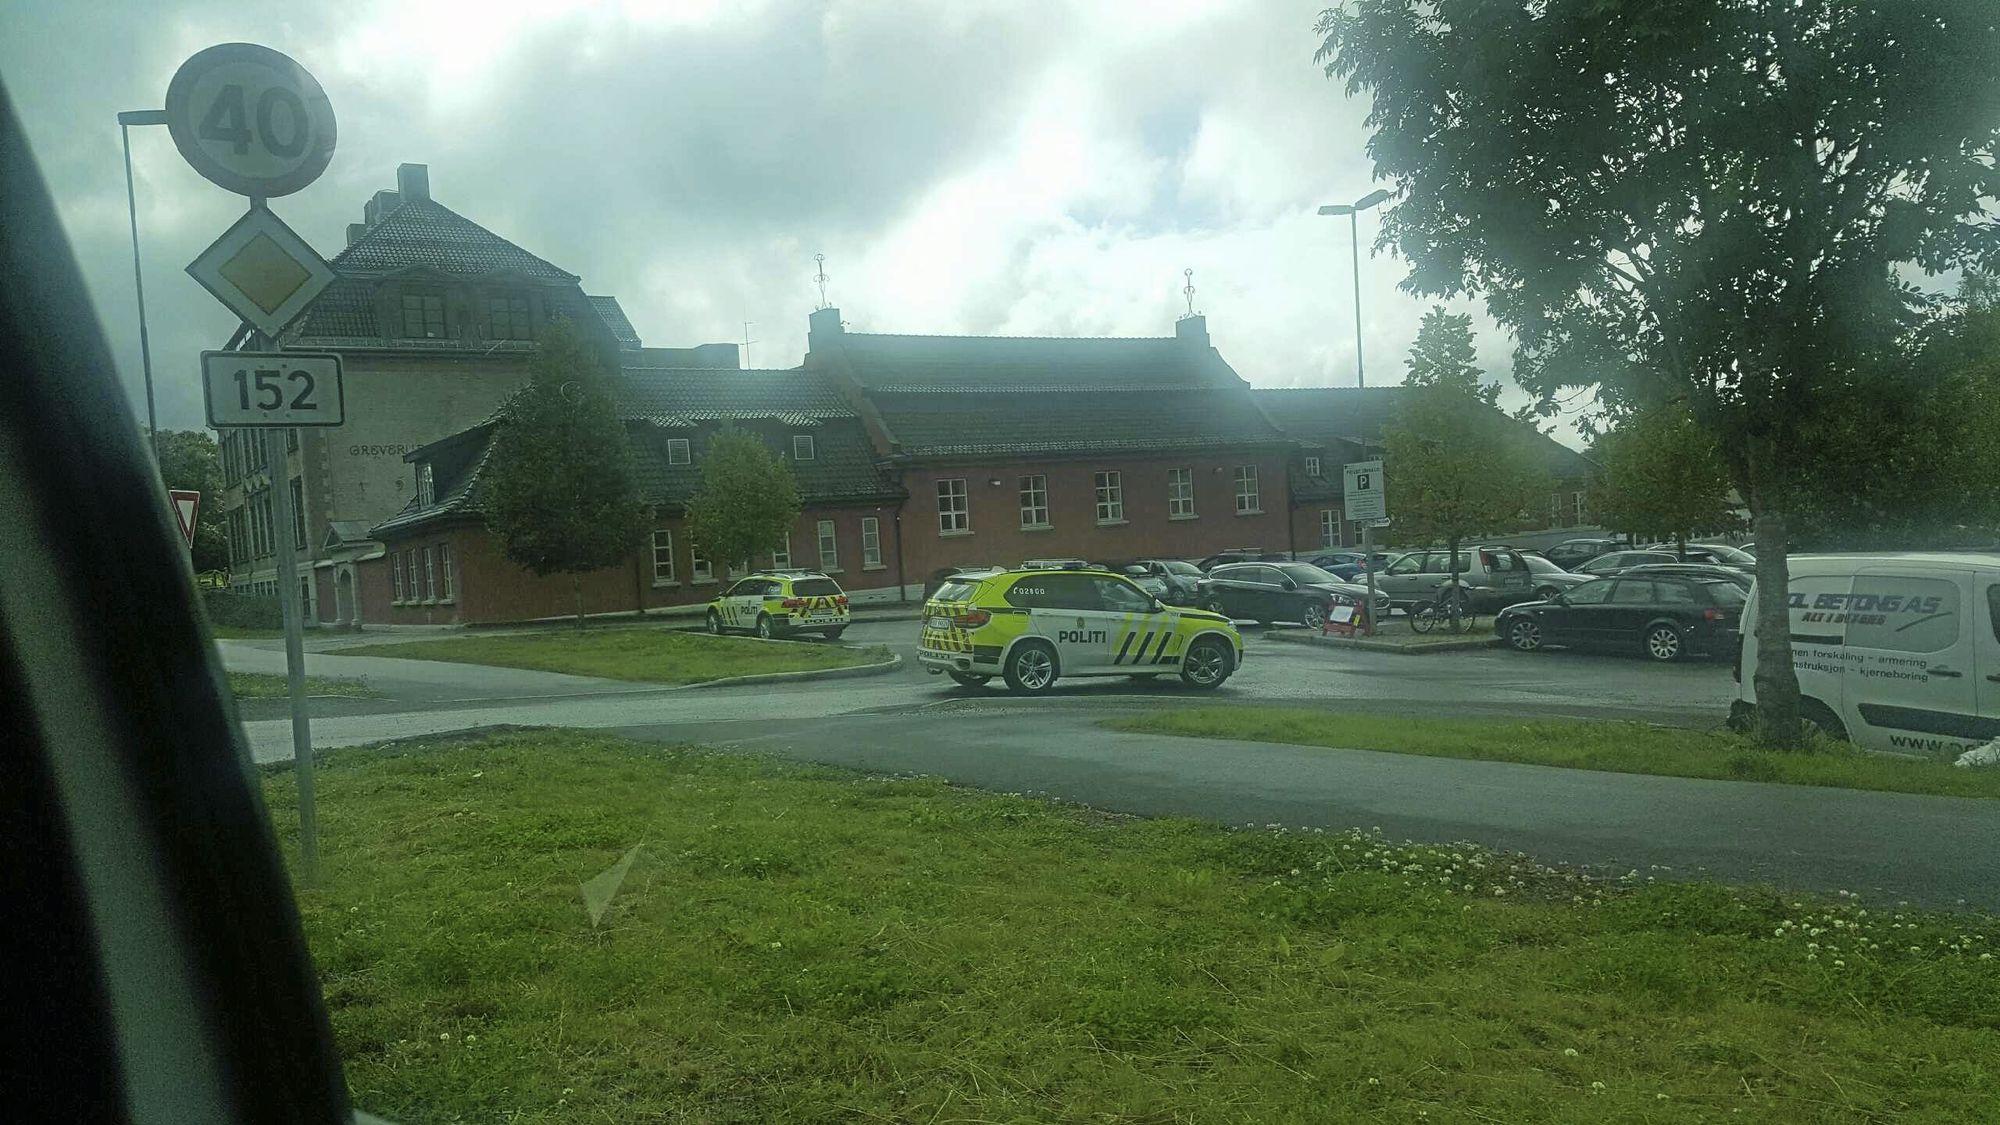 FULL KONTROLL: Politiet tok affære mot eventuelle råkjørere også ved Greverud skole i dag.